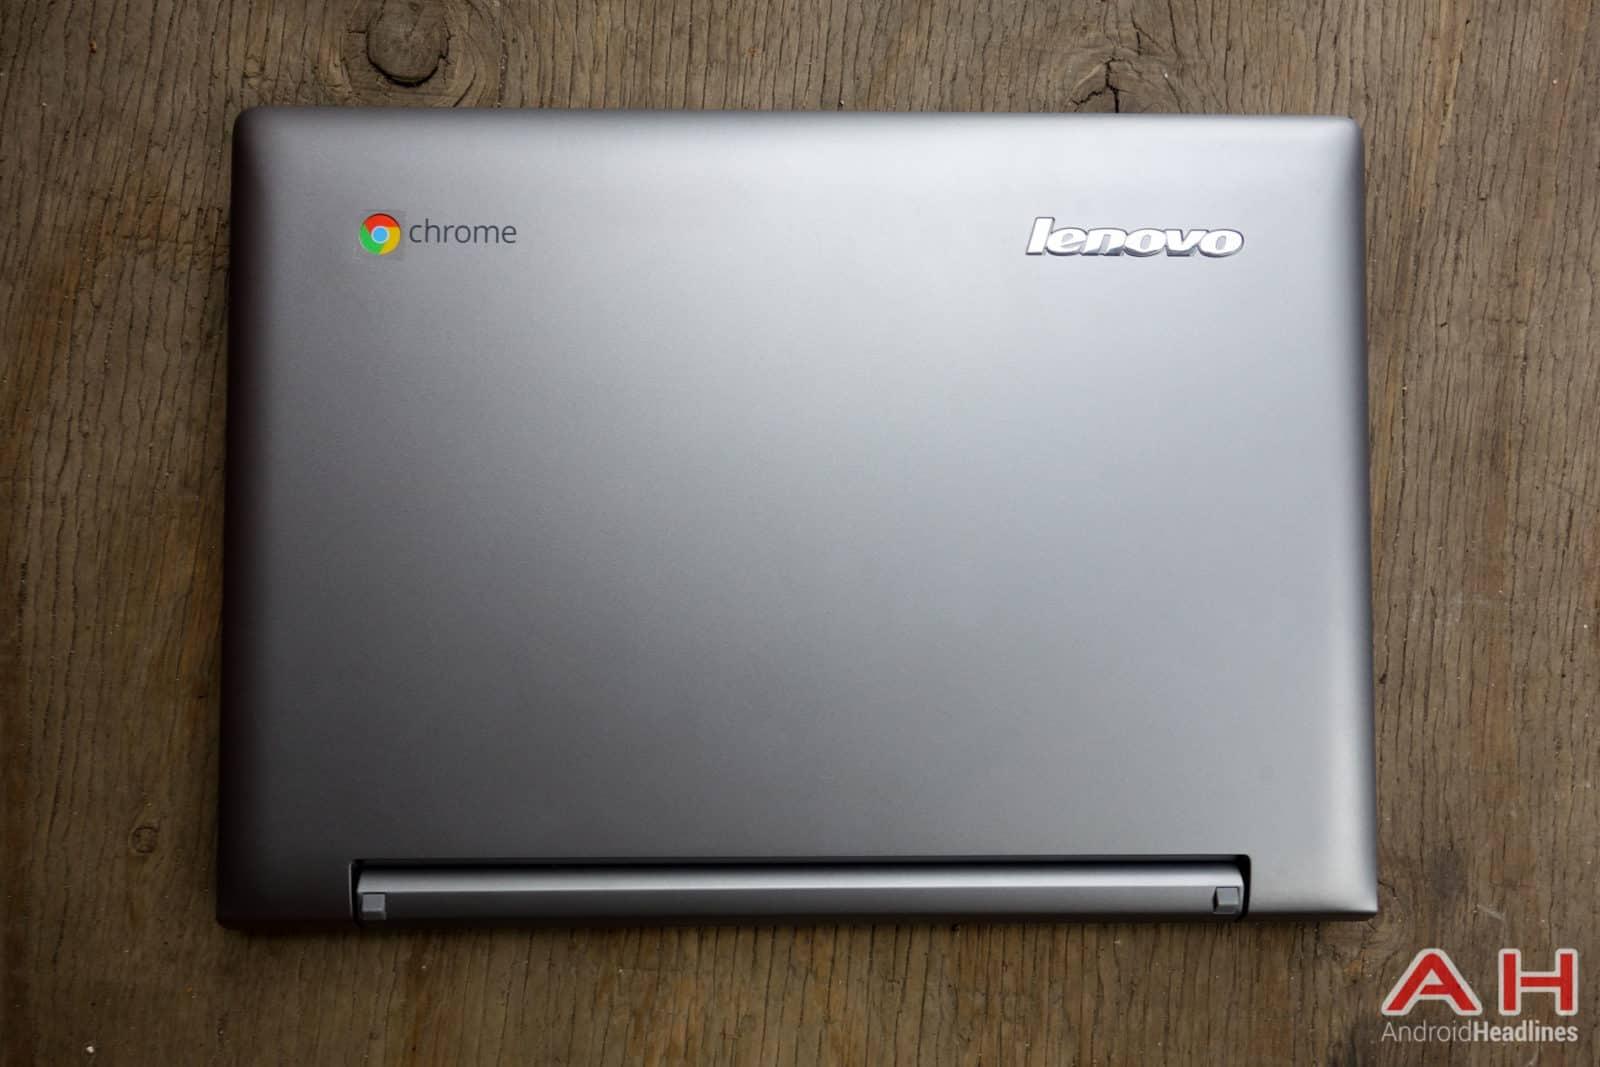 Lenovo-N20p-chromebook-AH-1